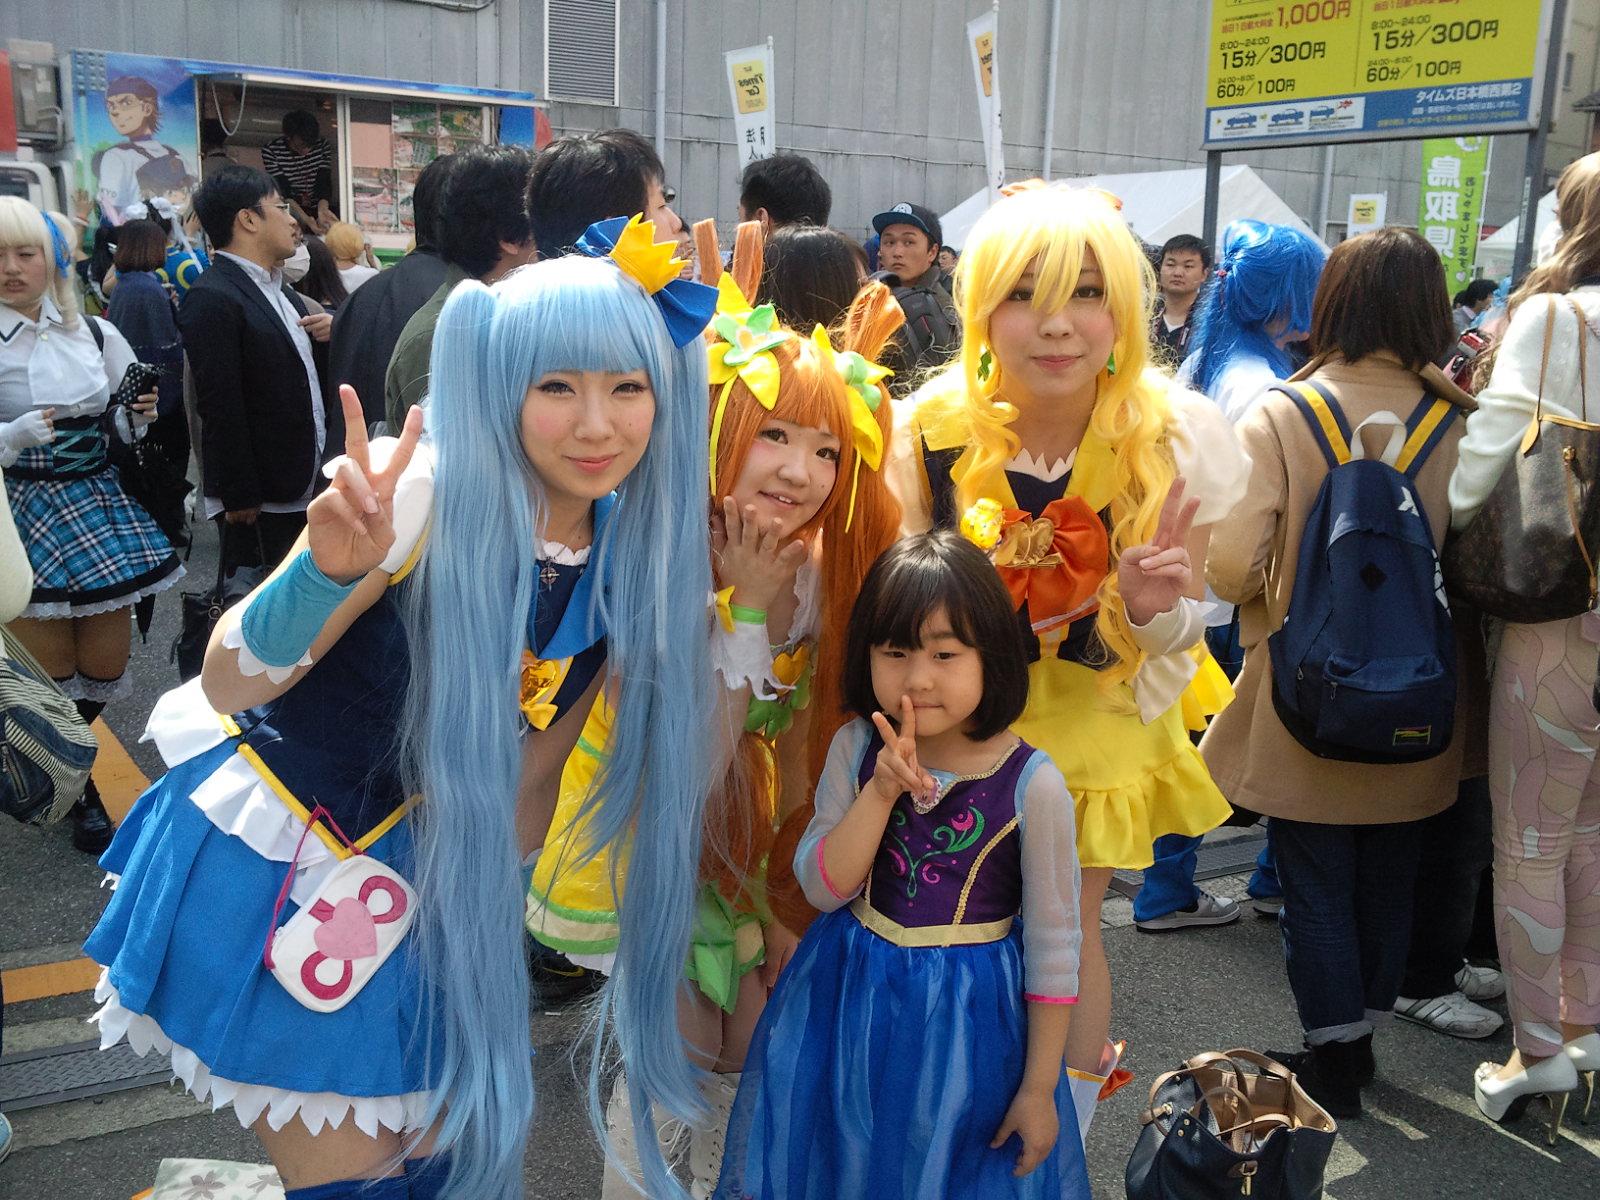 ストフェスに行こう!日本橋ストリートフェスタ2015 コスプレイヤーたちの狂乱